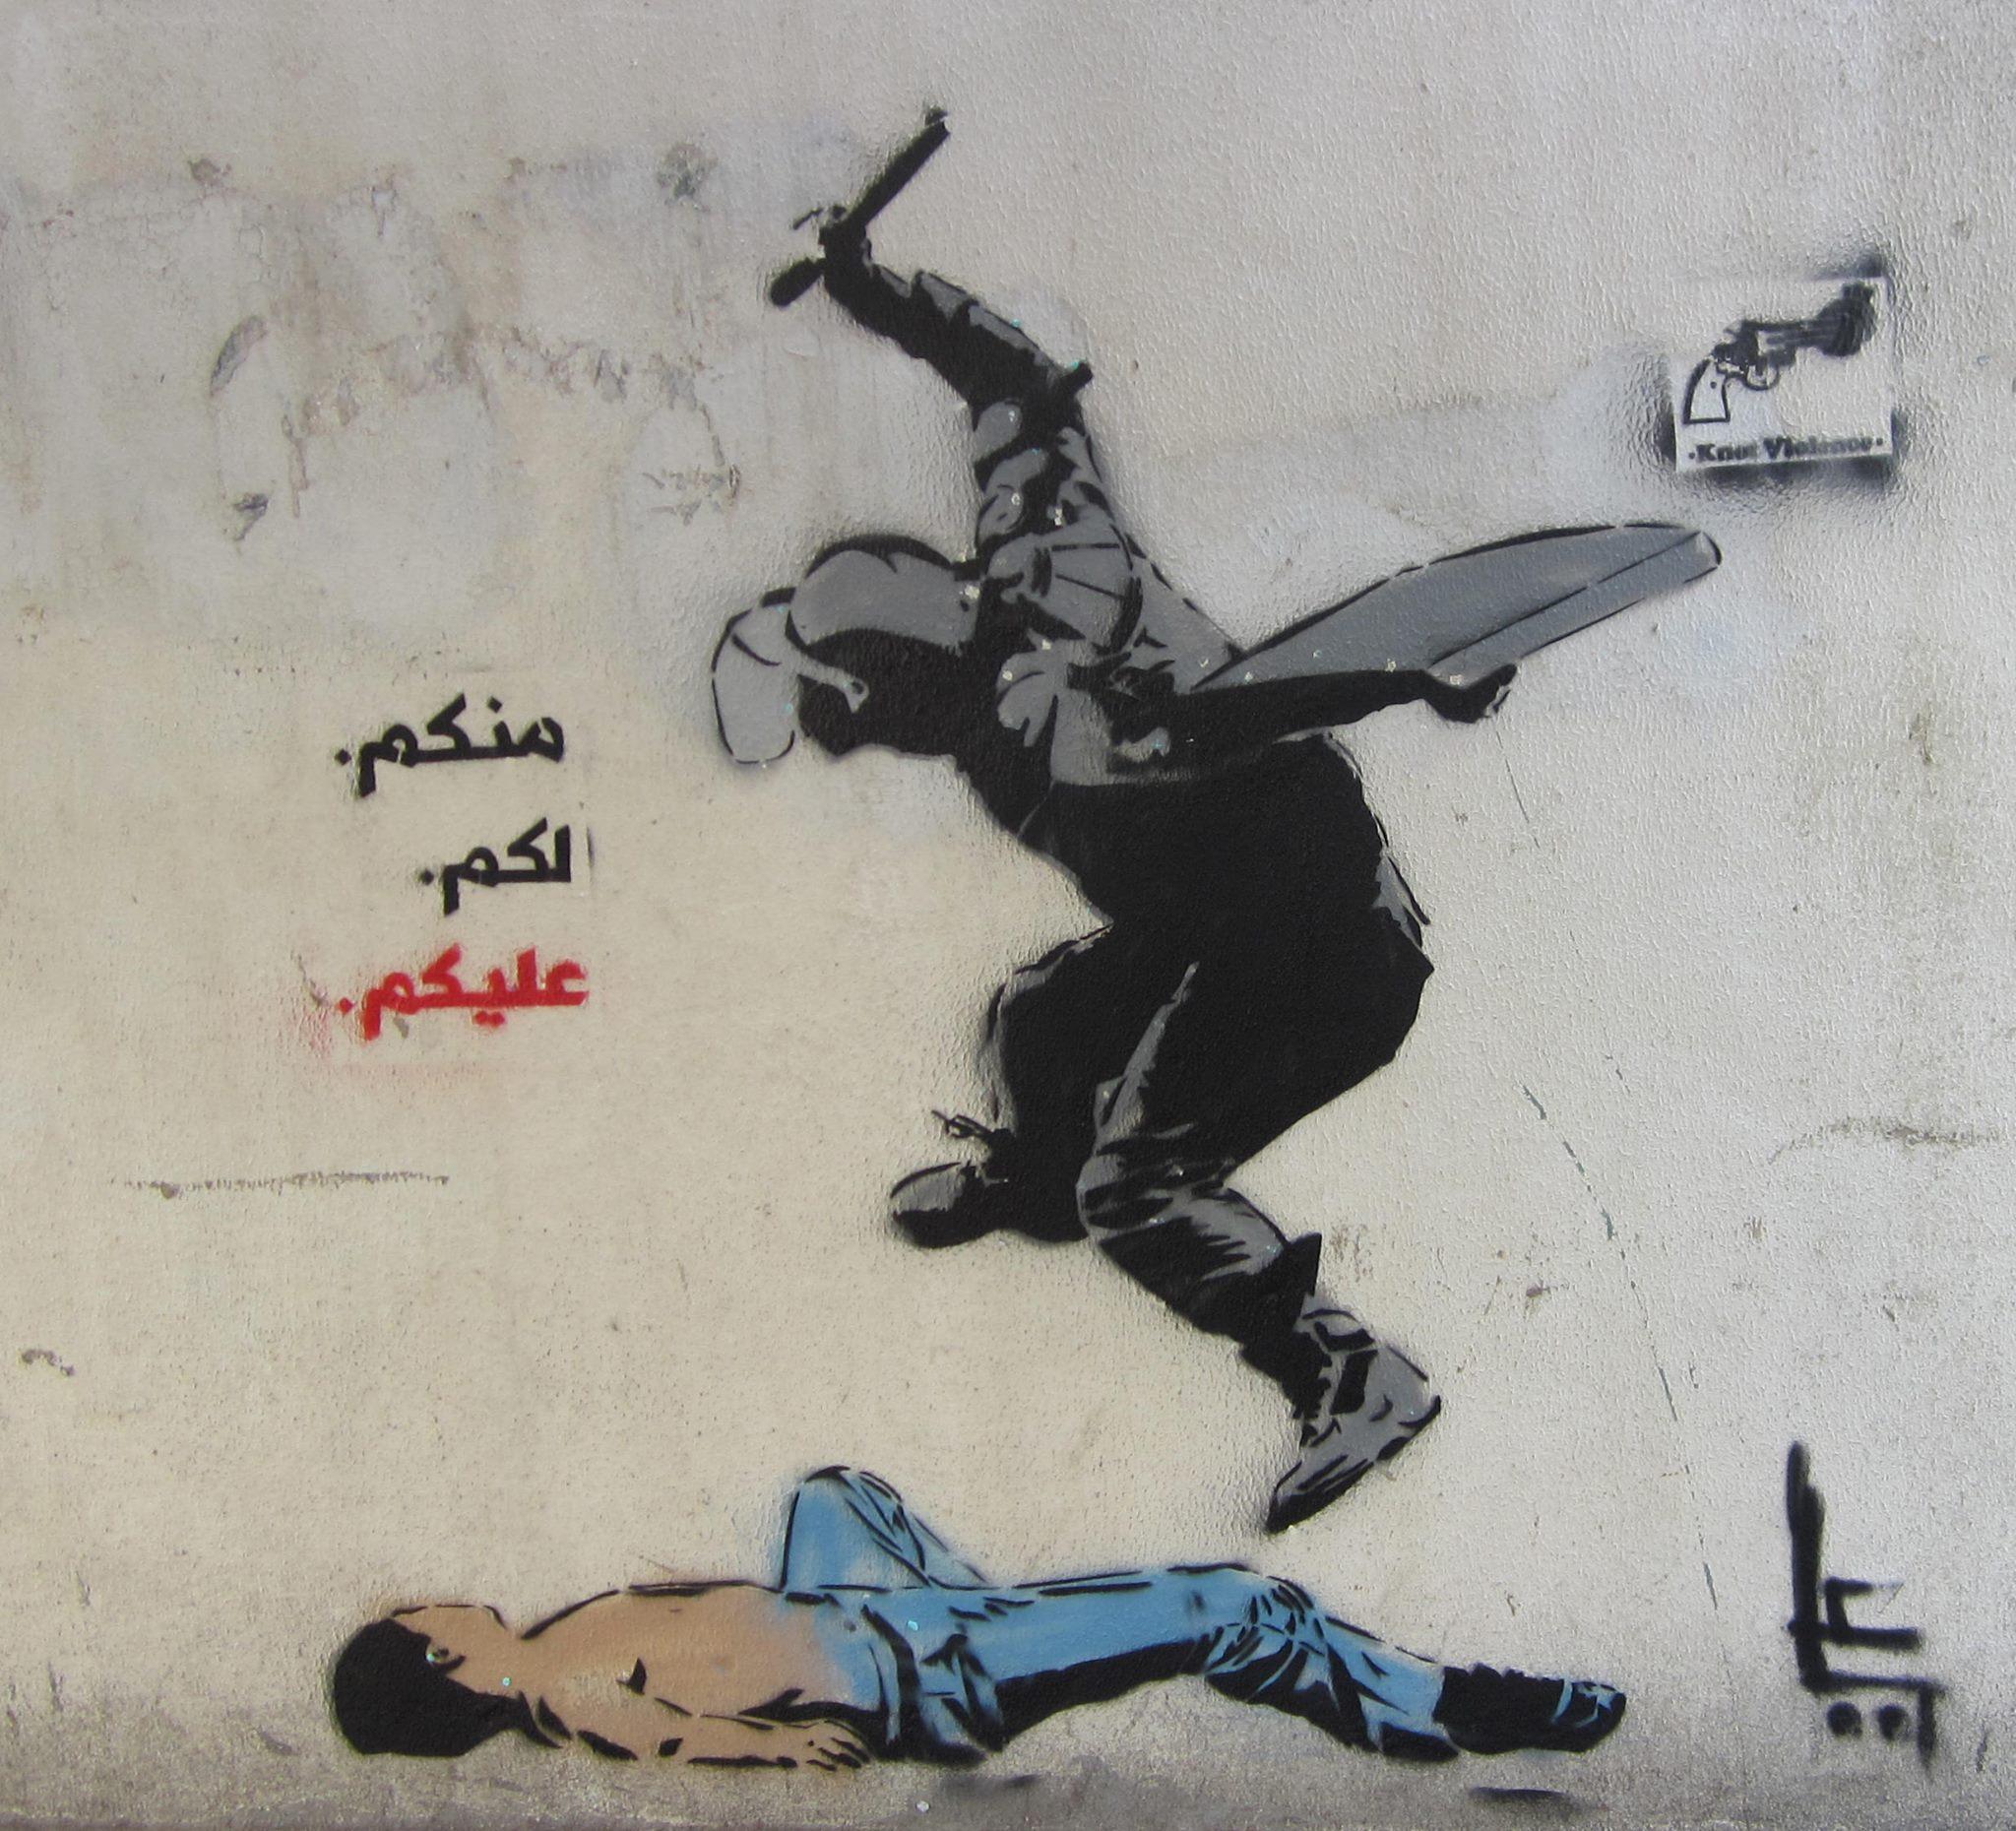 Le slogan de l'armée libanaise « Par vous, pour vous, pour votre sécurité » est parodié en « Par vous, pour vous, pour vous écraser »